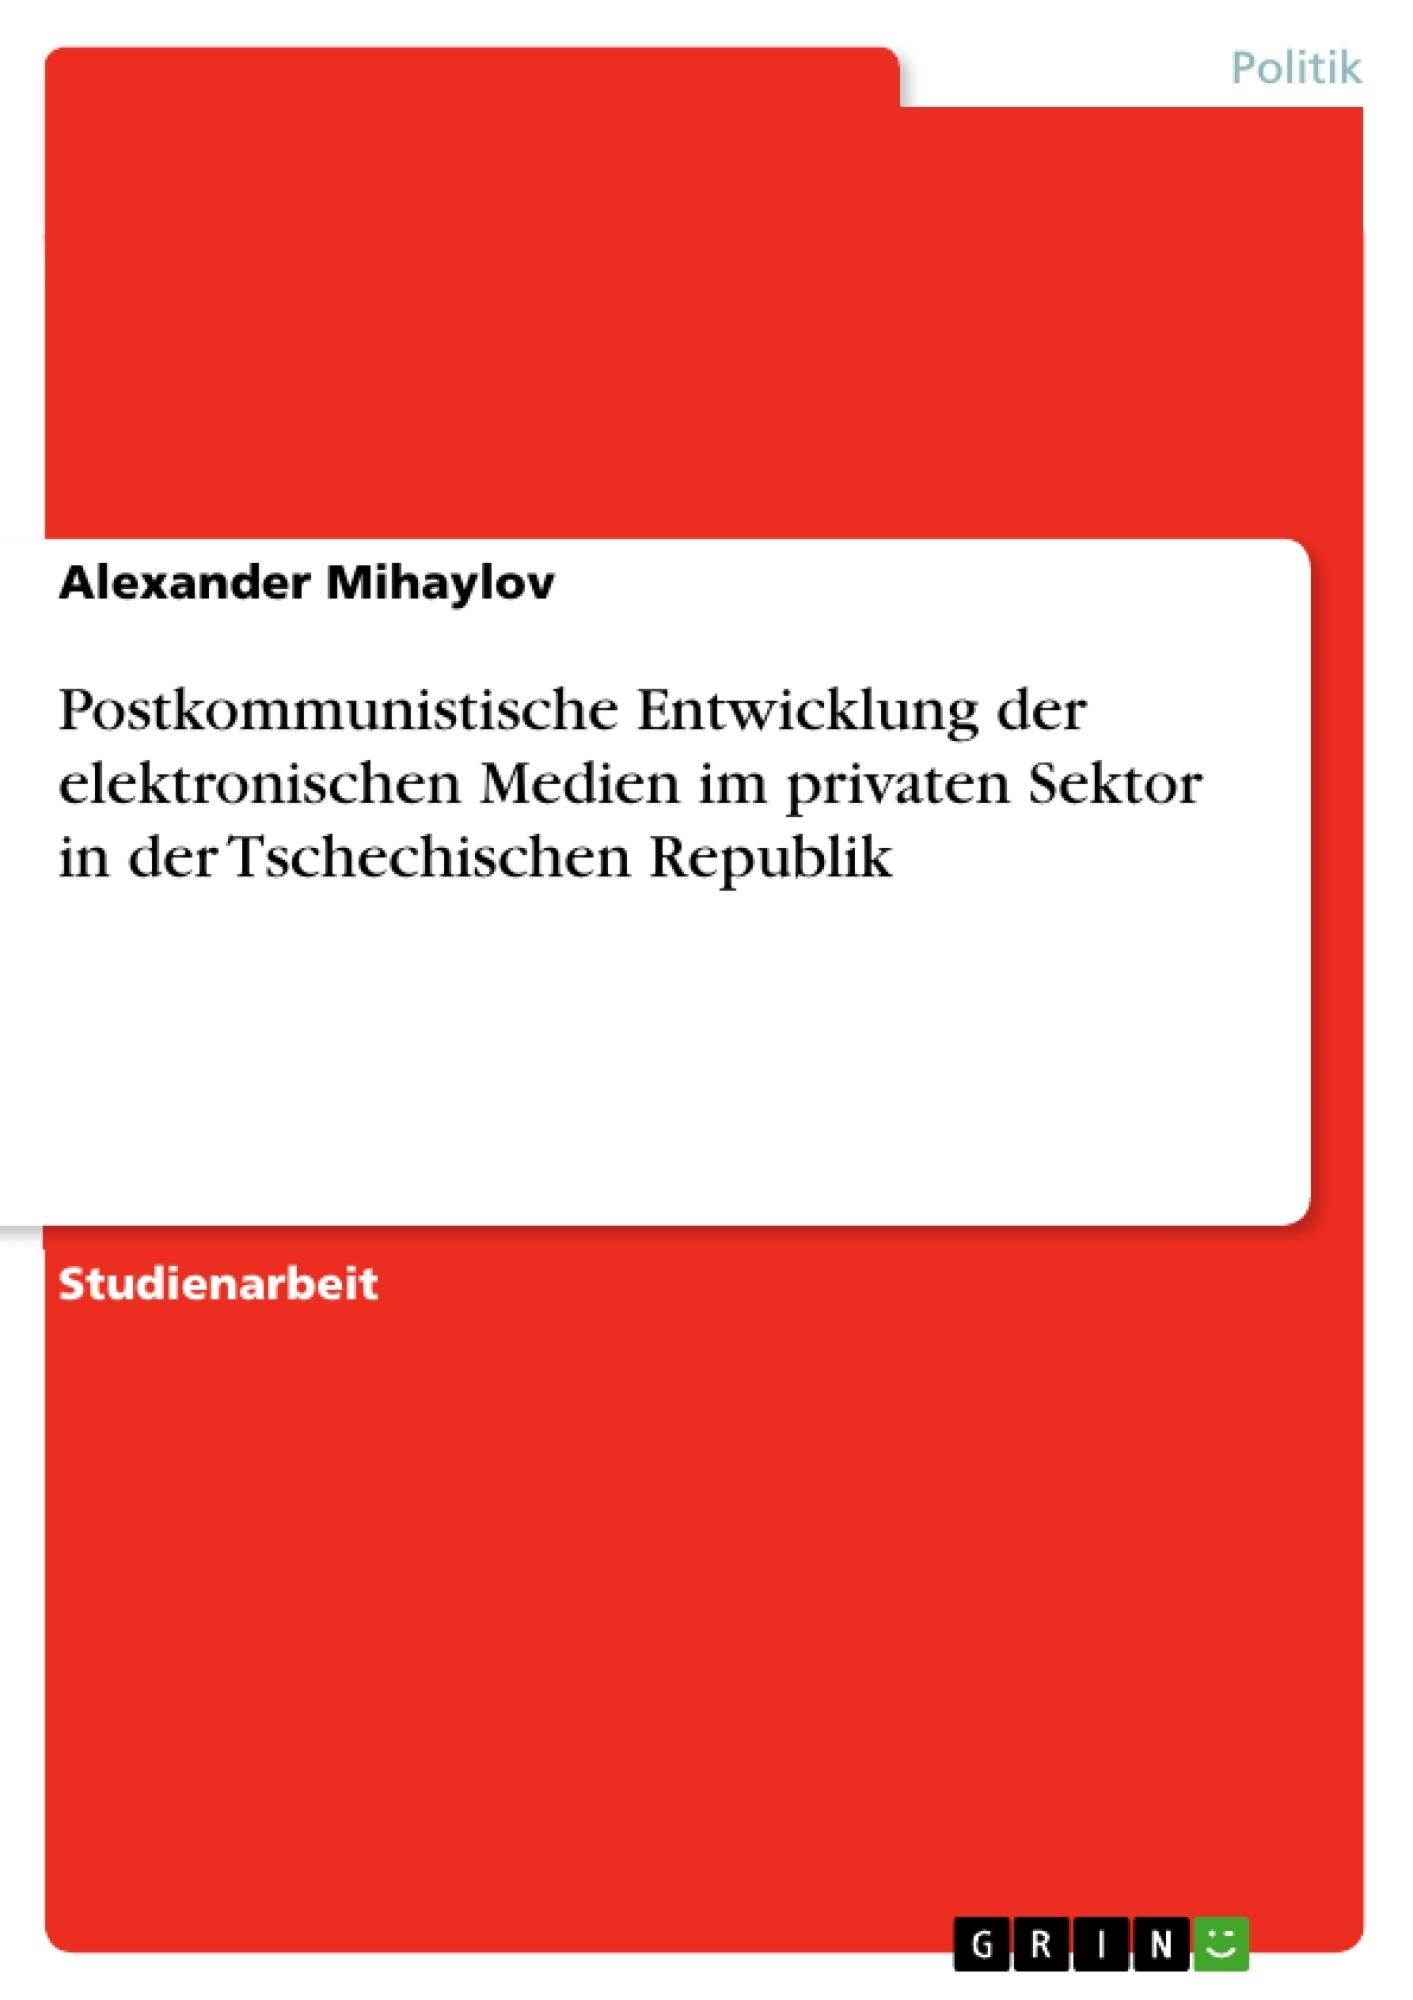 Titel: Postkommunistische Entwicklung der elektronischen Medien im privaten Sektor in der Tschechischen Republik